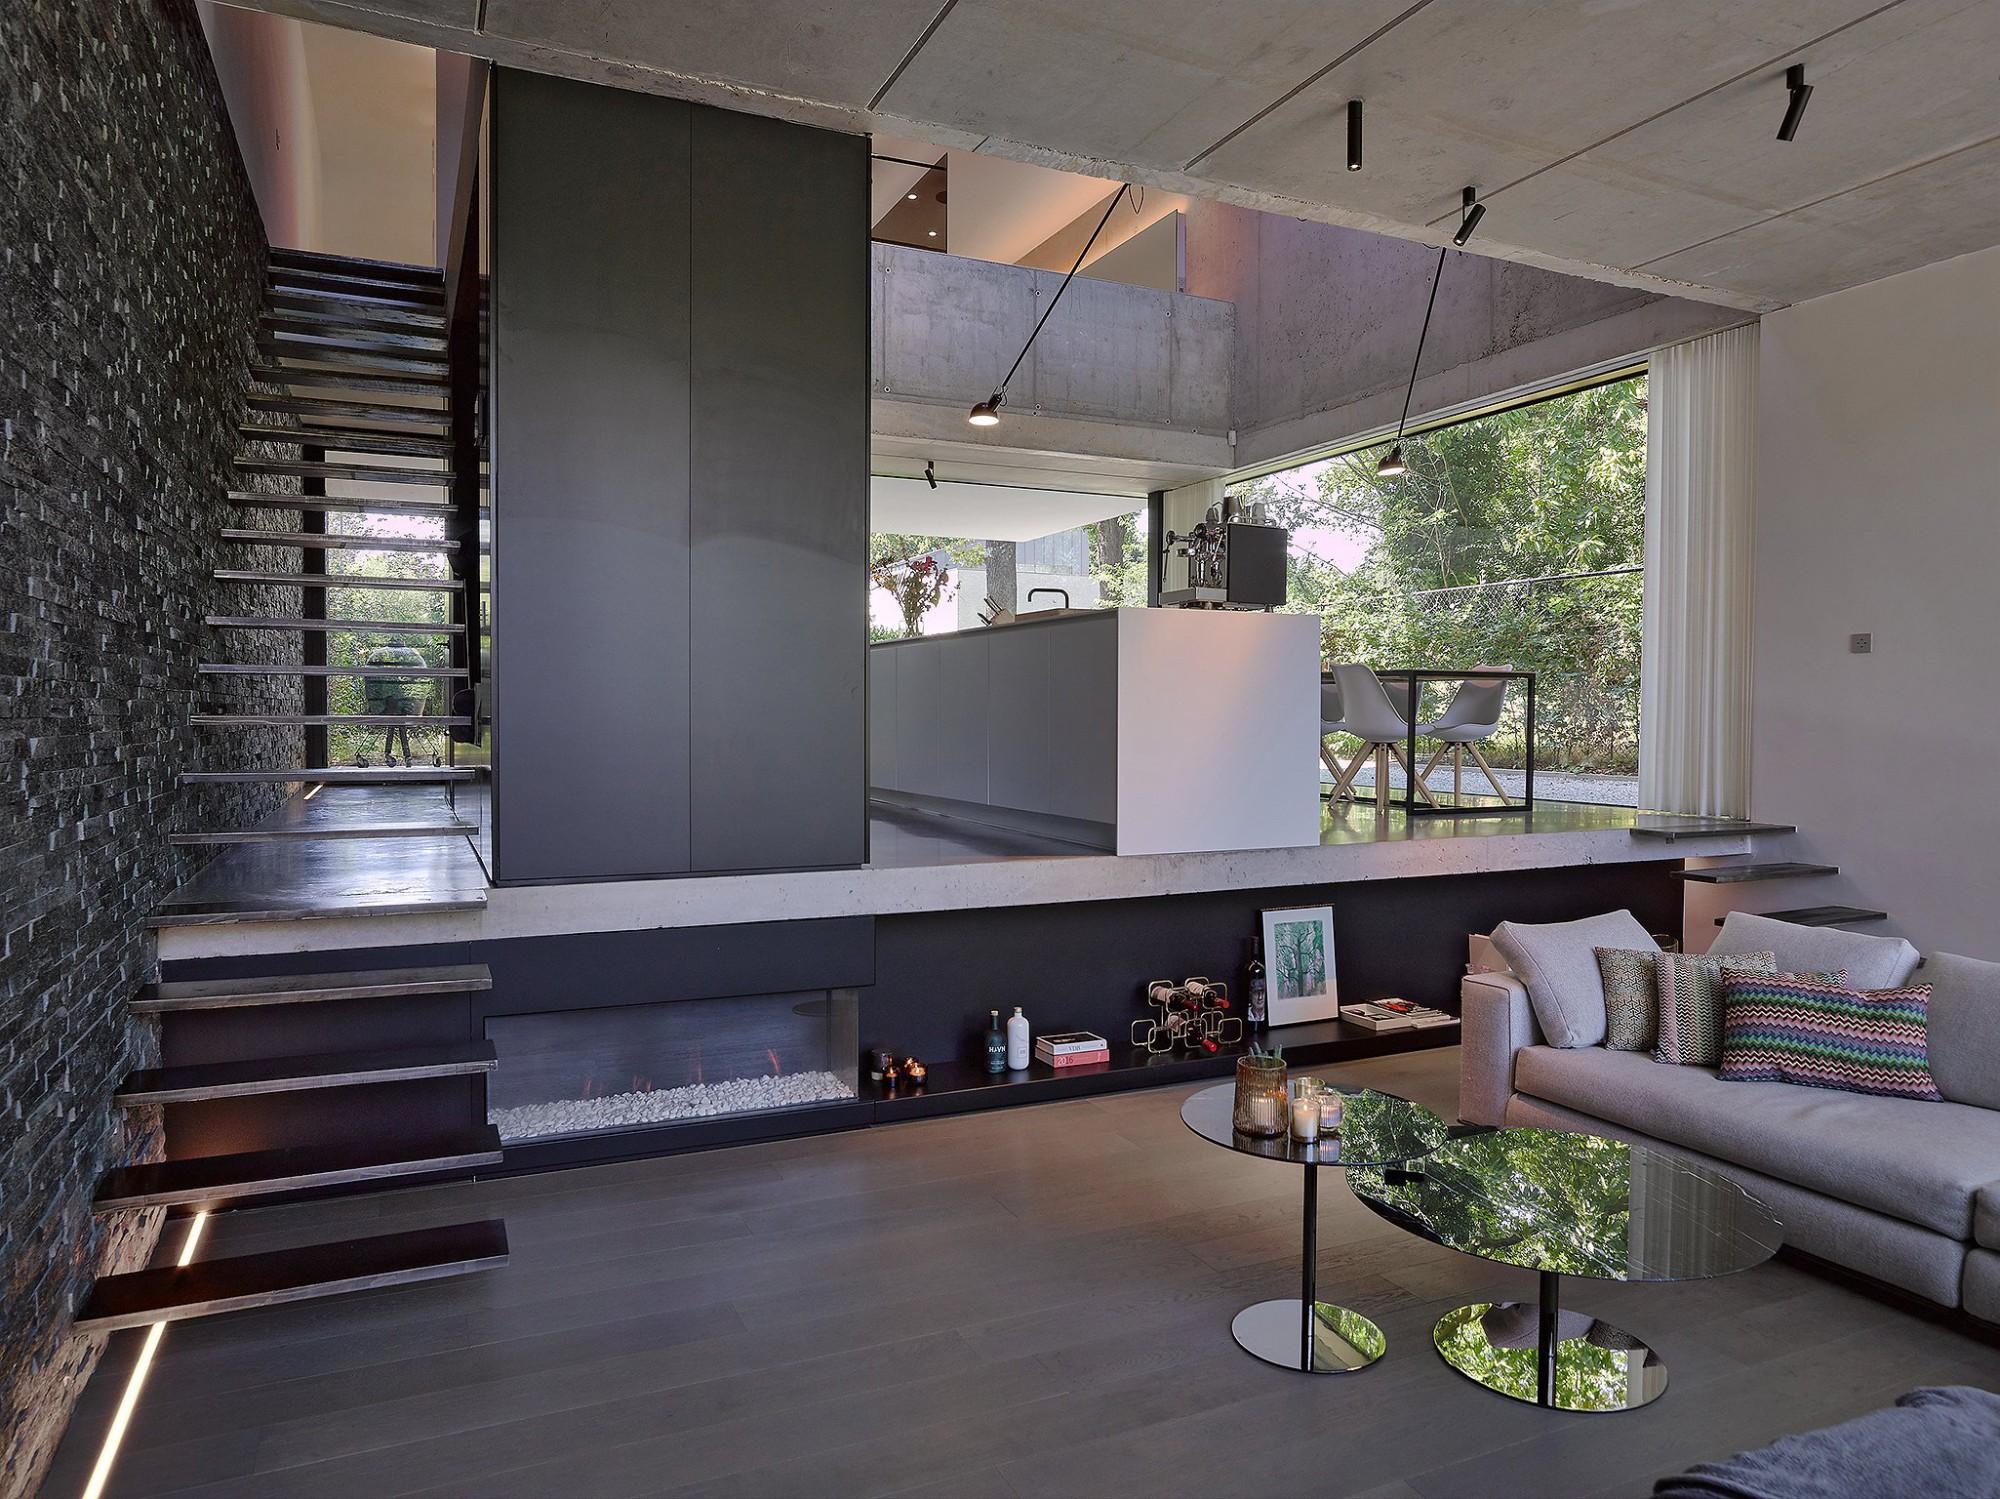 Afbeelding: Interieur fotografie woningen voor bouwwerken Bastijns, foto Van Huffel, © icoon architect